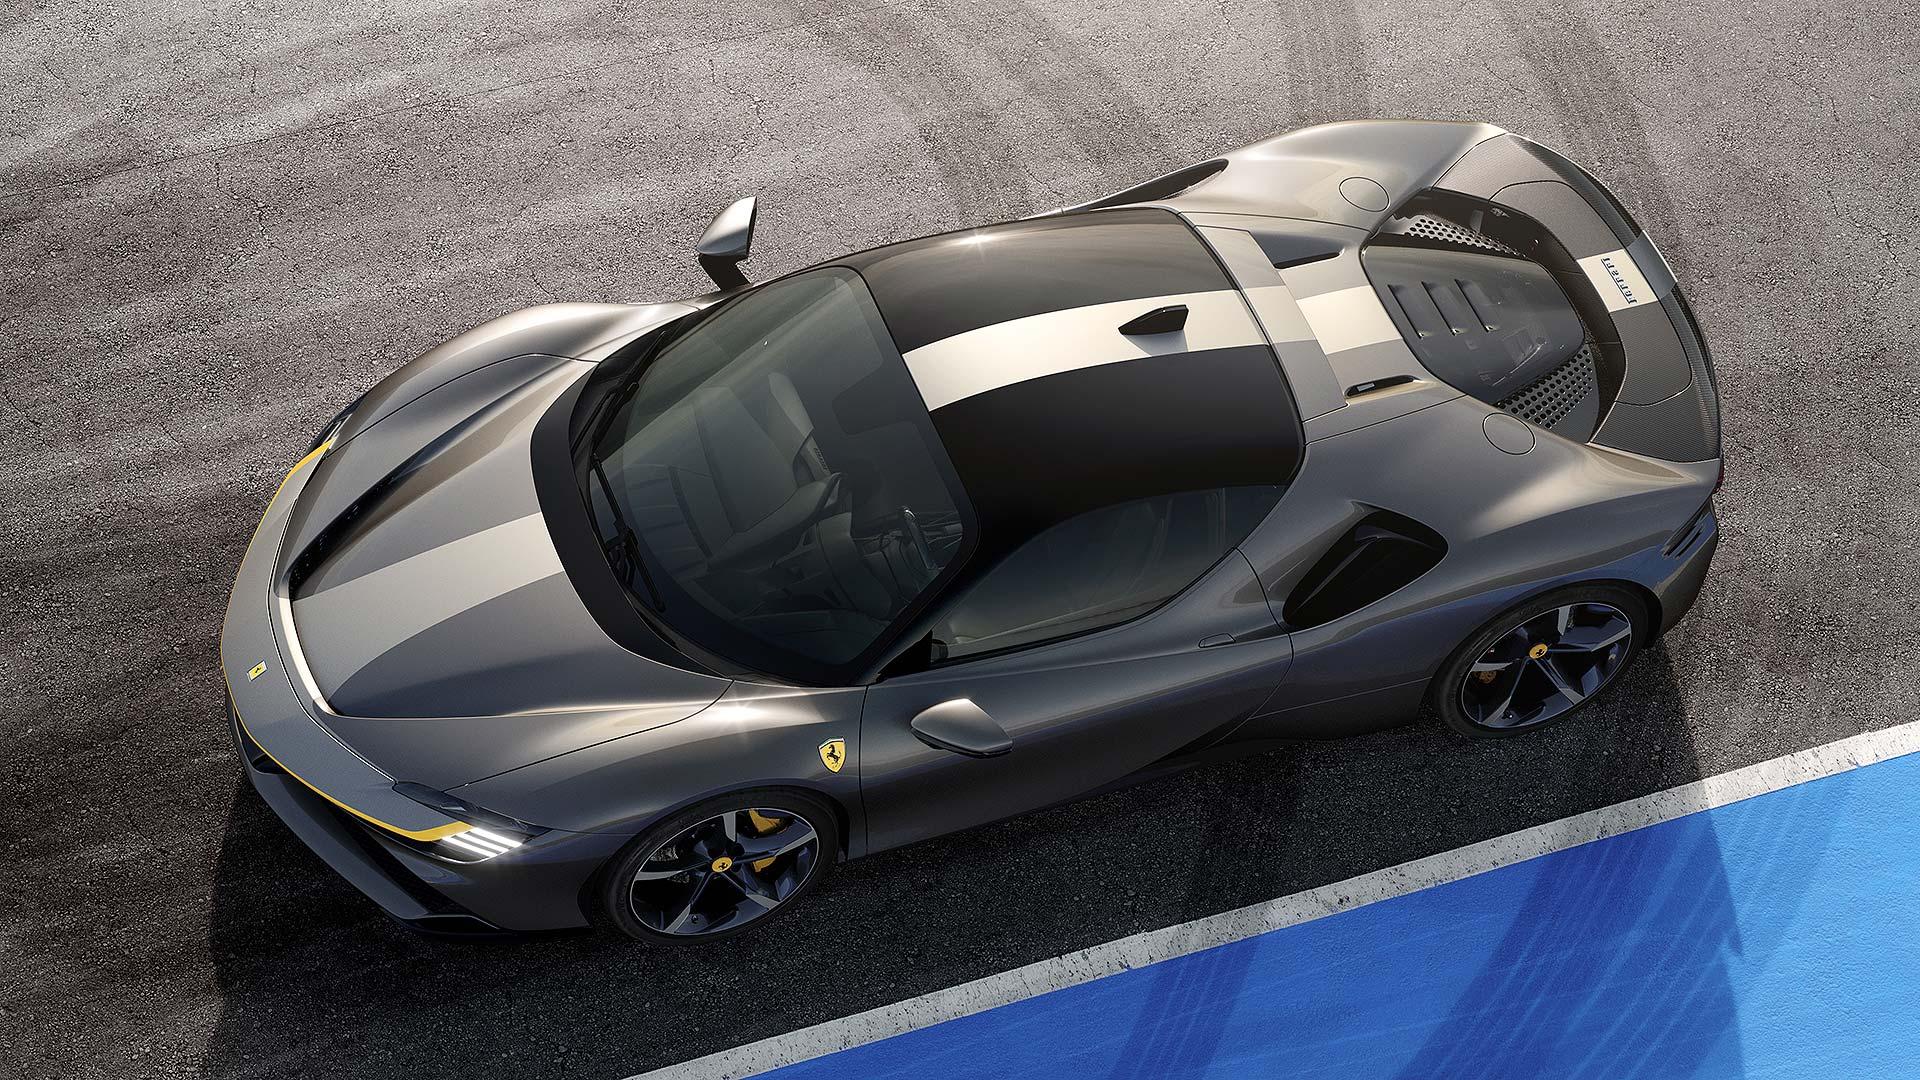 2020 Ferrari SF90 Stradale Assetto Fiorano